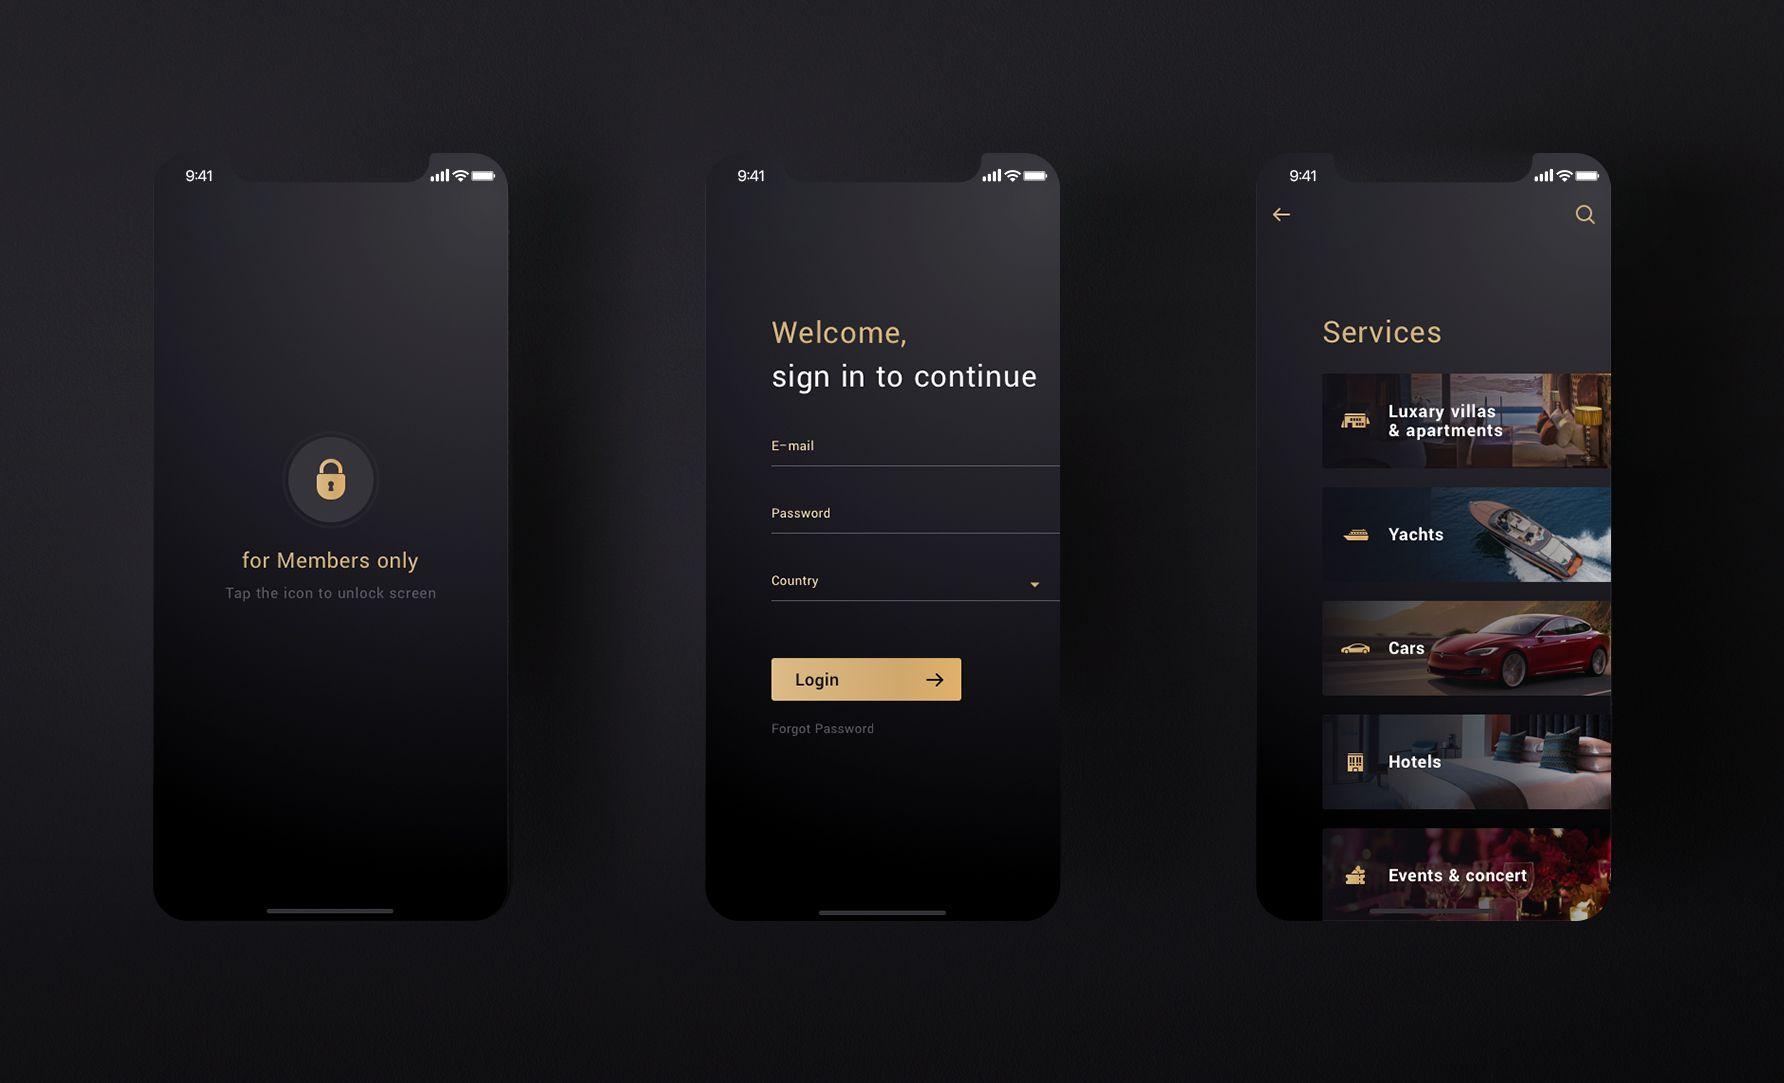 моб приложение консьерж - дизайнер Tanya_Mak_